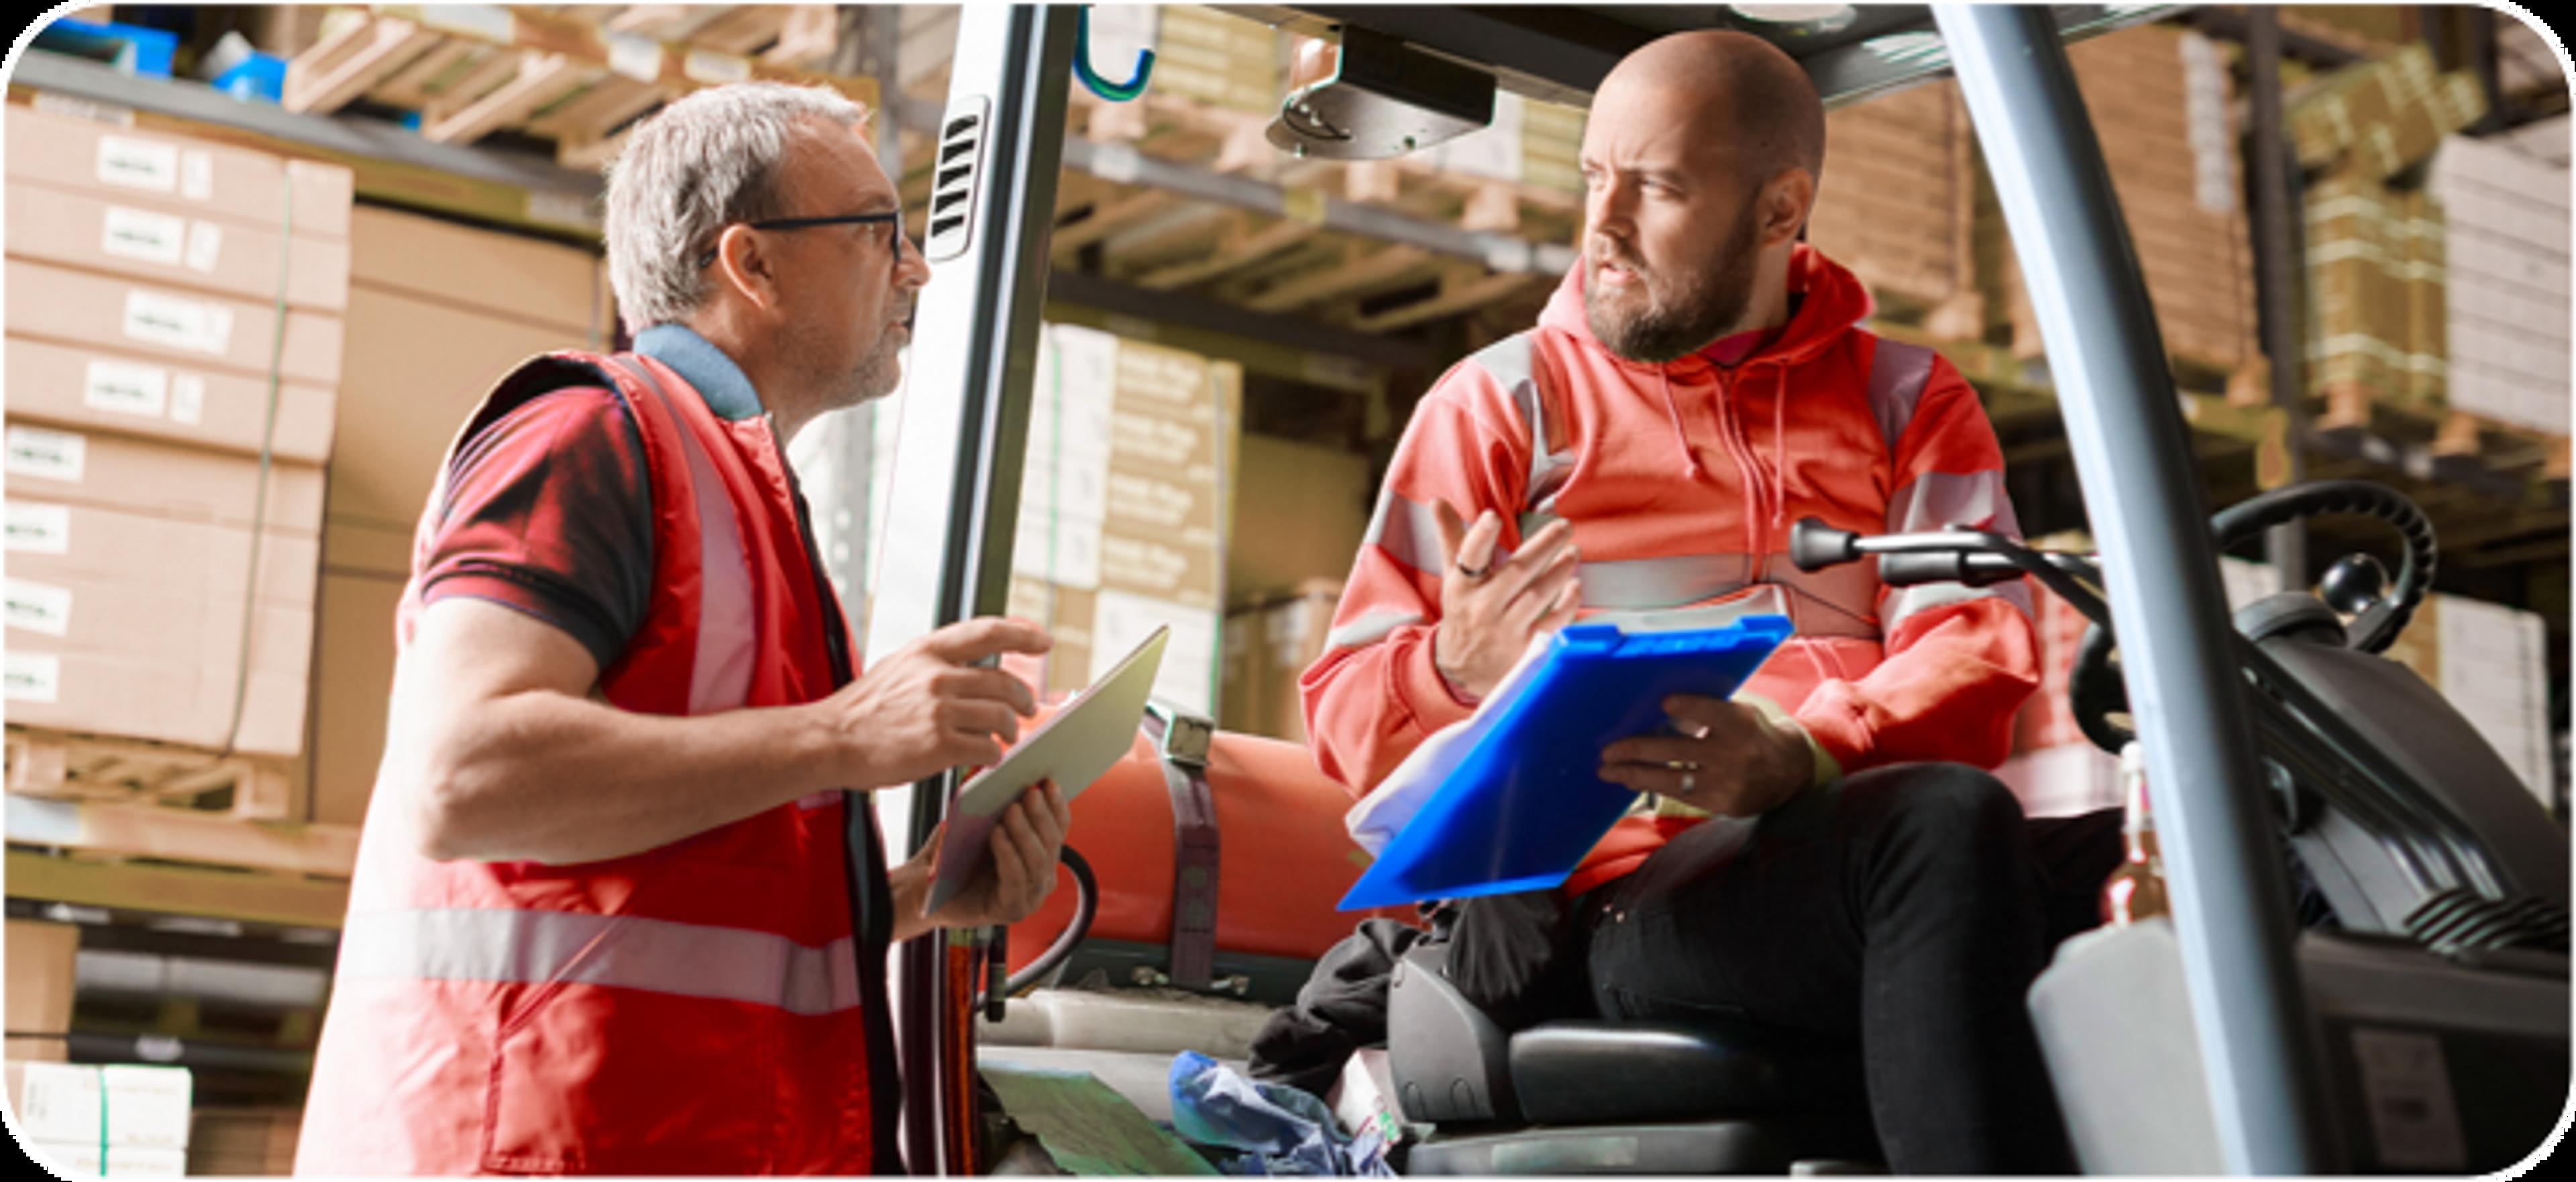 Deux hommes de race blanche portant des vestes de sécurité rouges, discutant dans un entrepôt